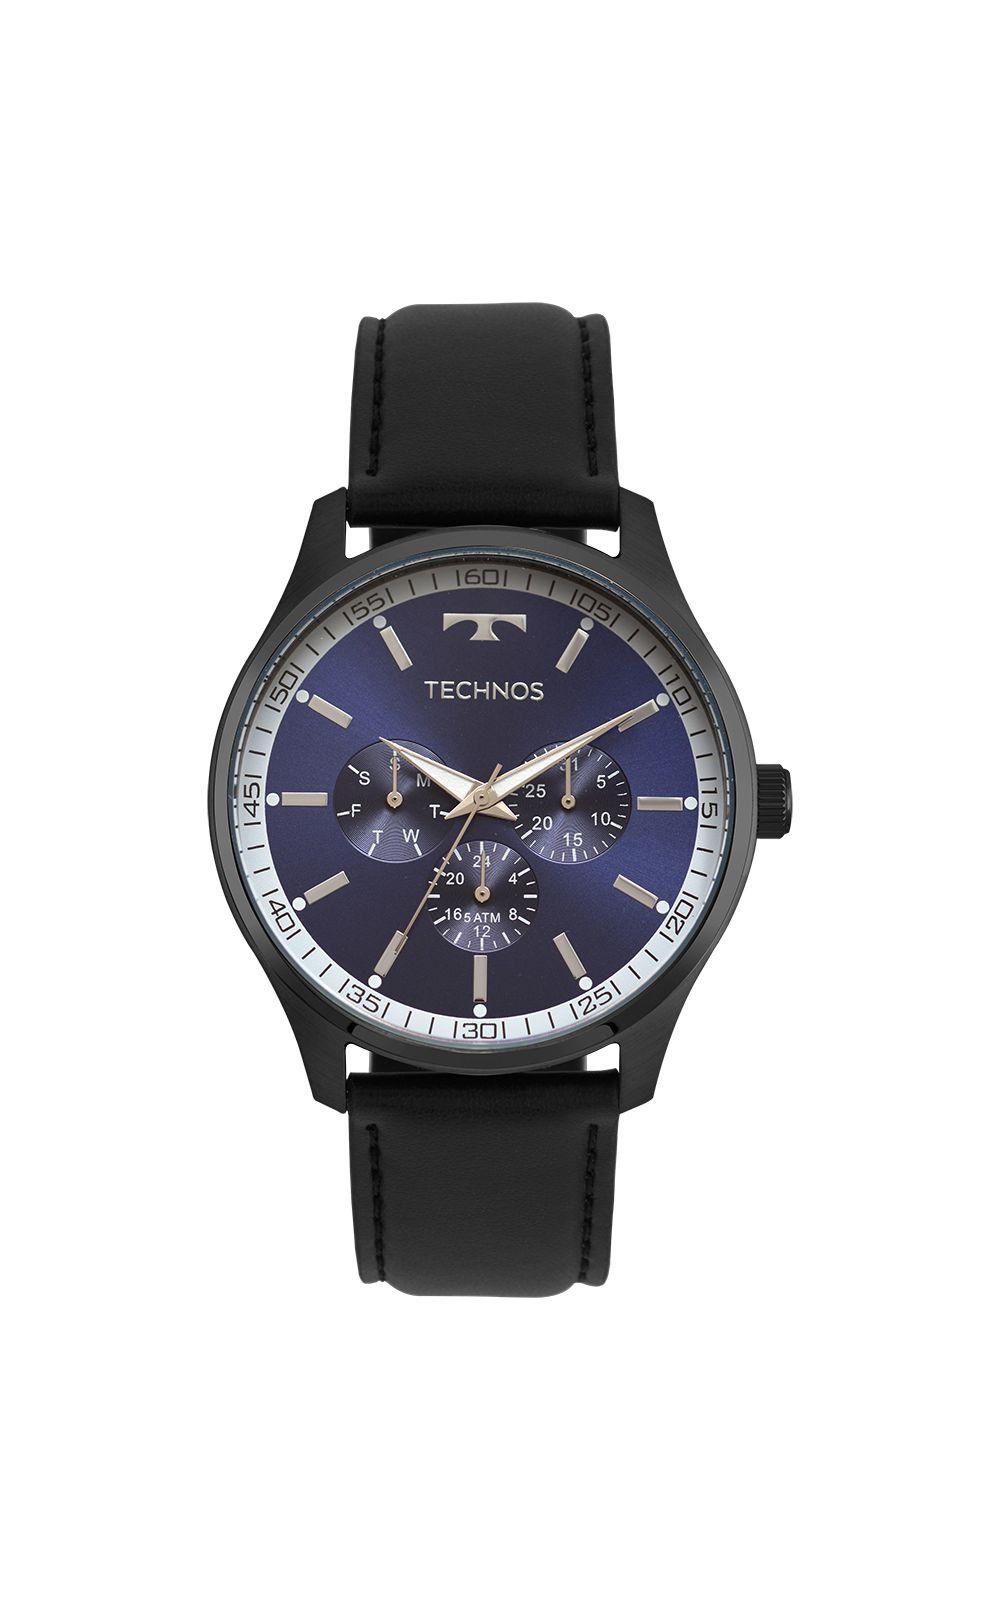 1d0e11f1a9d Relógio Technos Masculino Steel Preto - 6P29AJP 2A. undefined